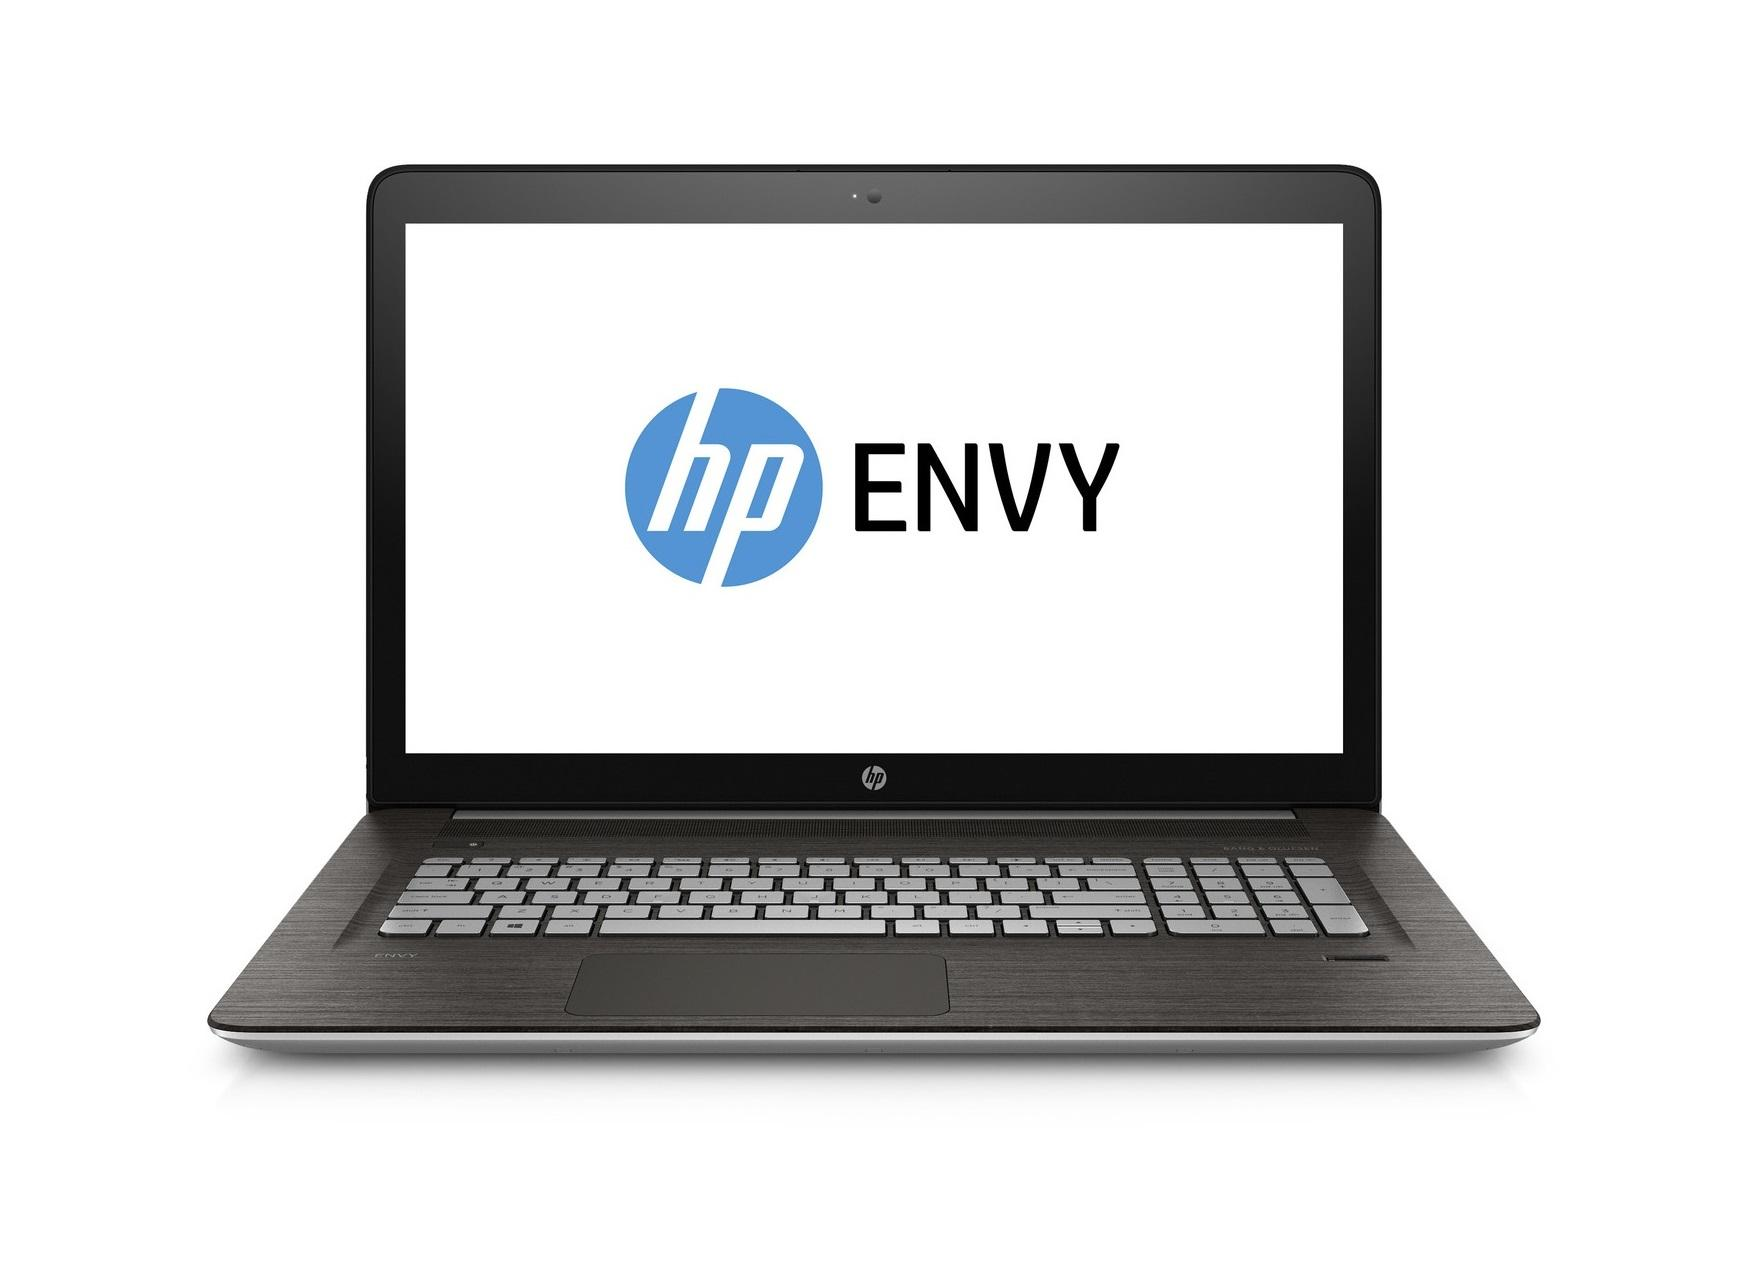 prenosni računalnik evny